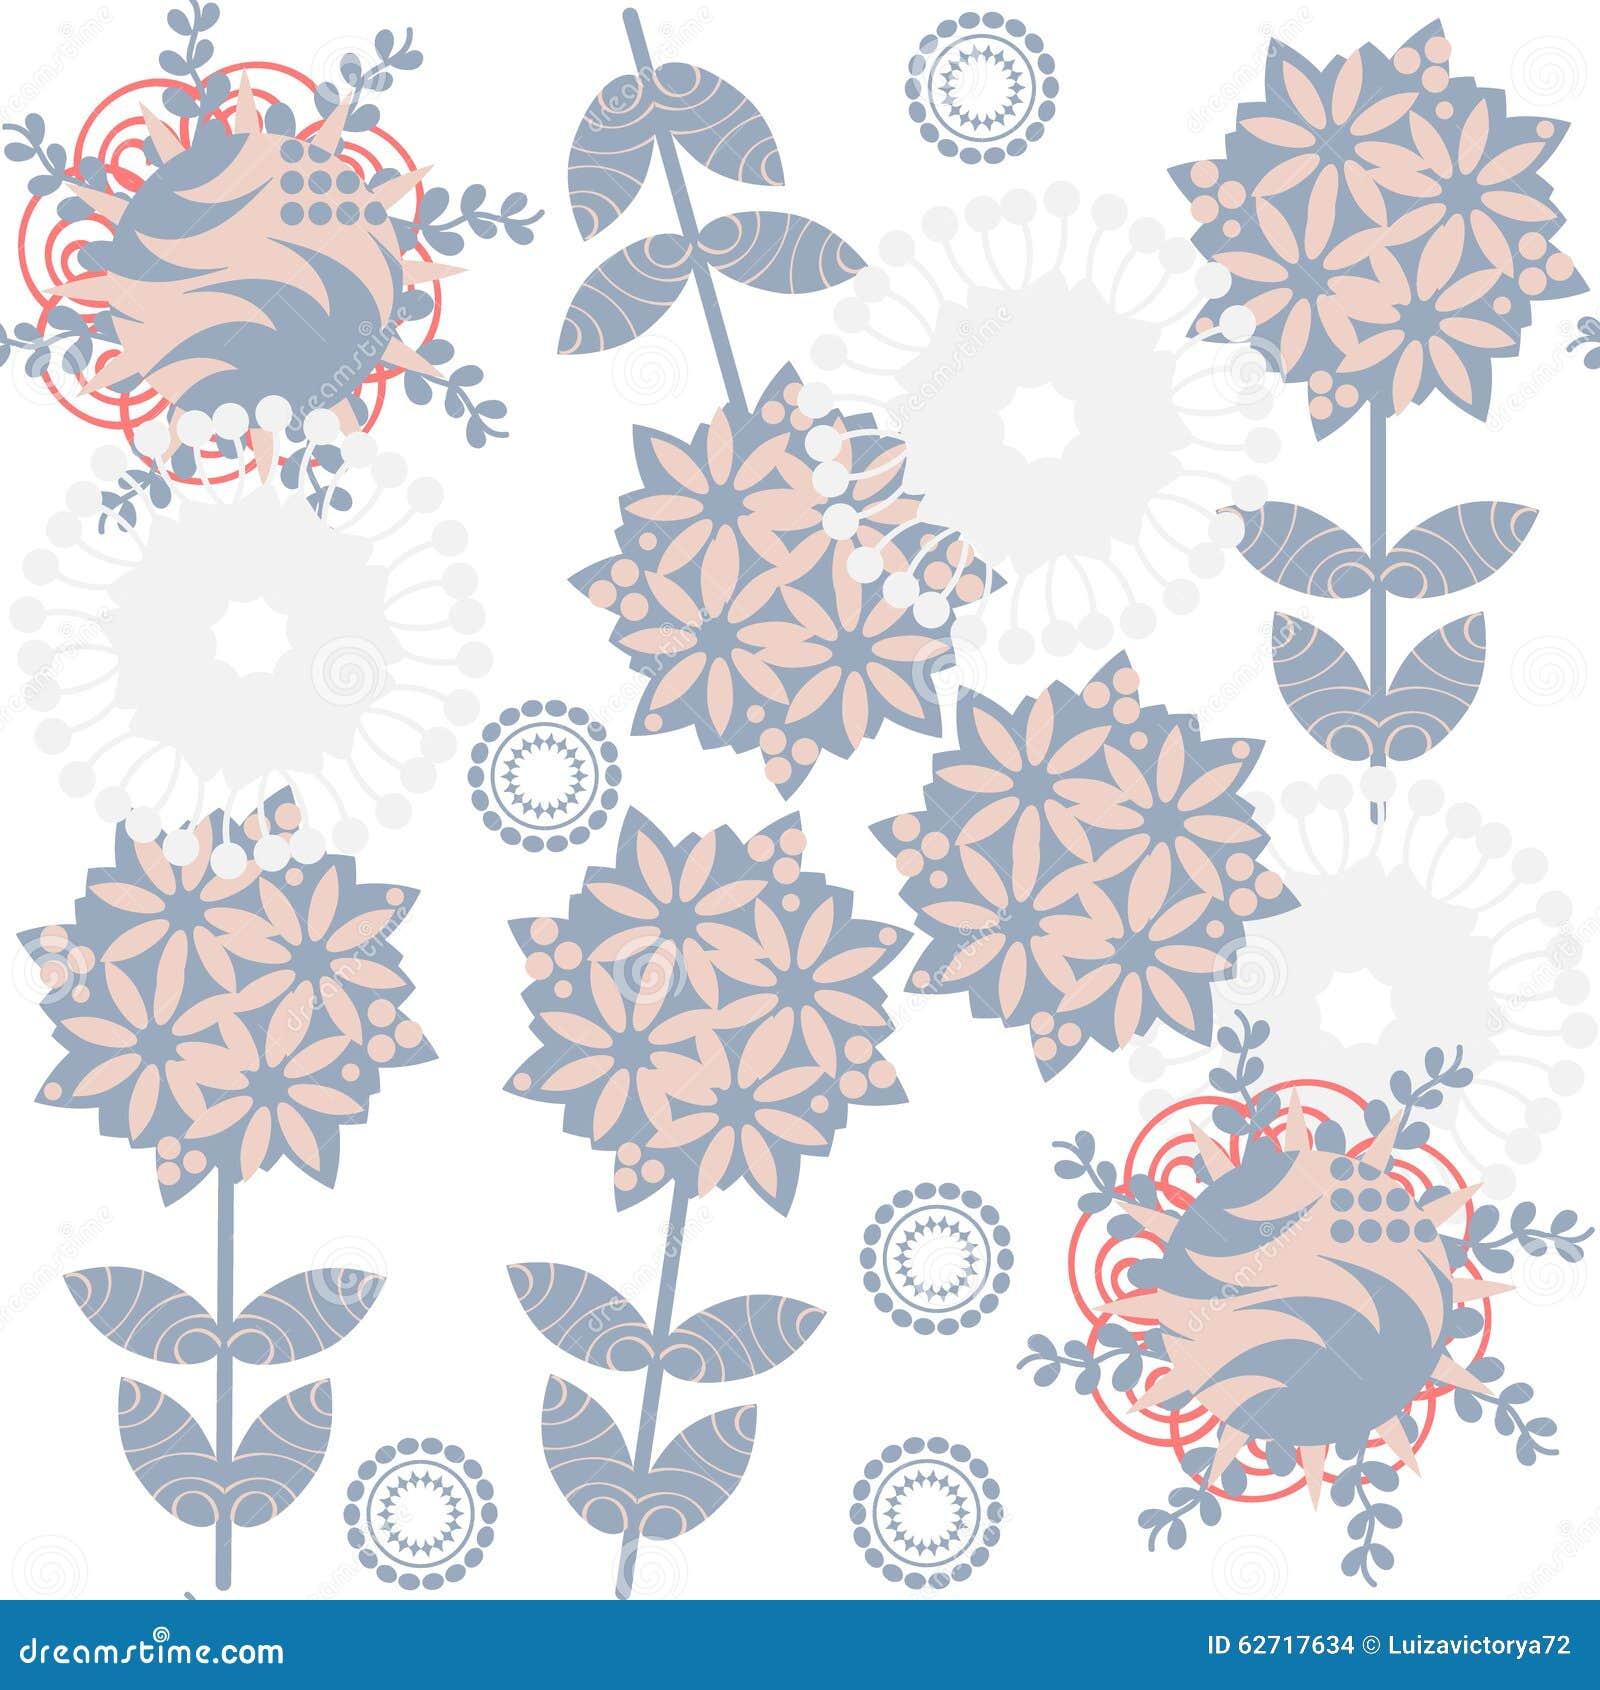 Χαριτωμένο αναδρομικό ευγενές floral άνευ ραφής σχέδιο με τα περίεργα λουλούδια και